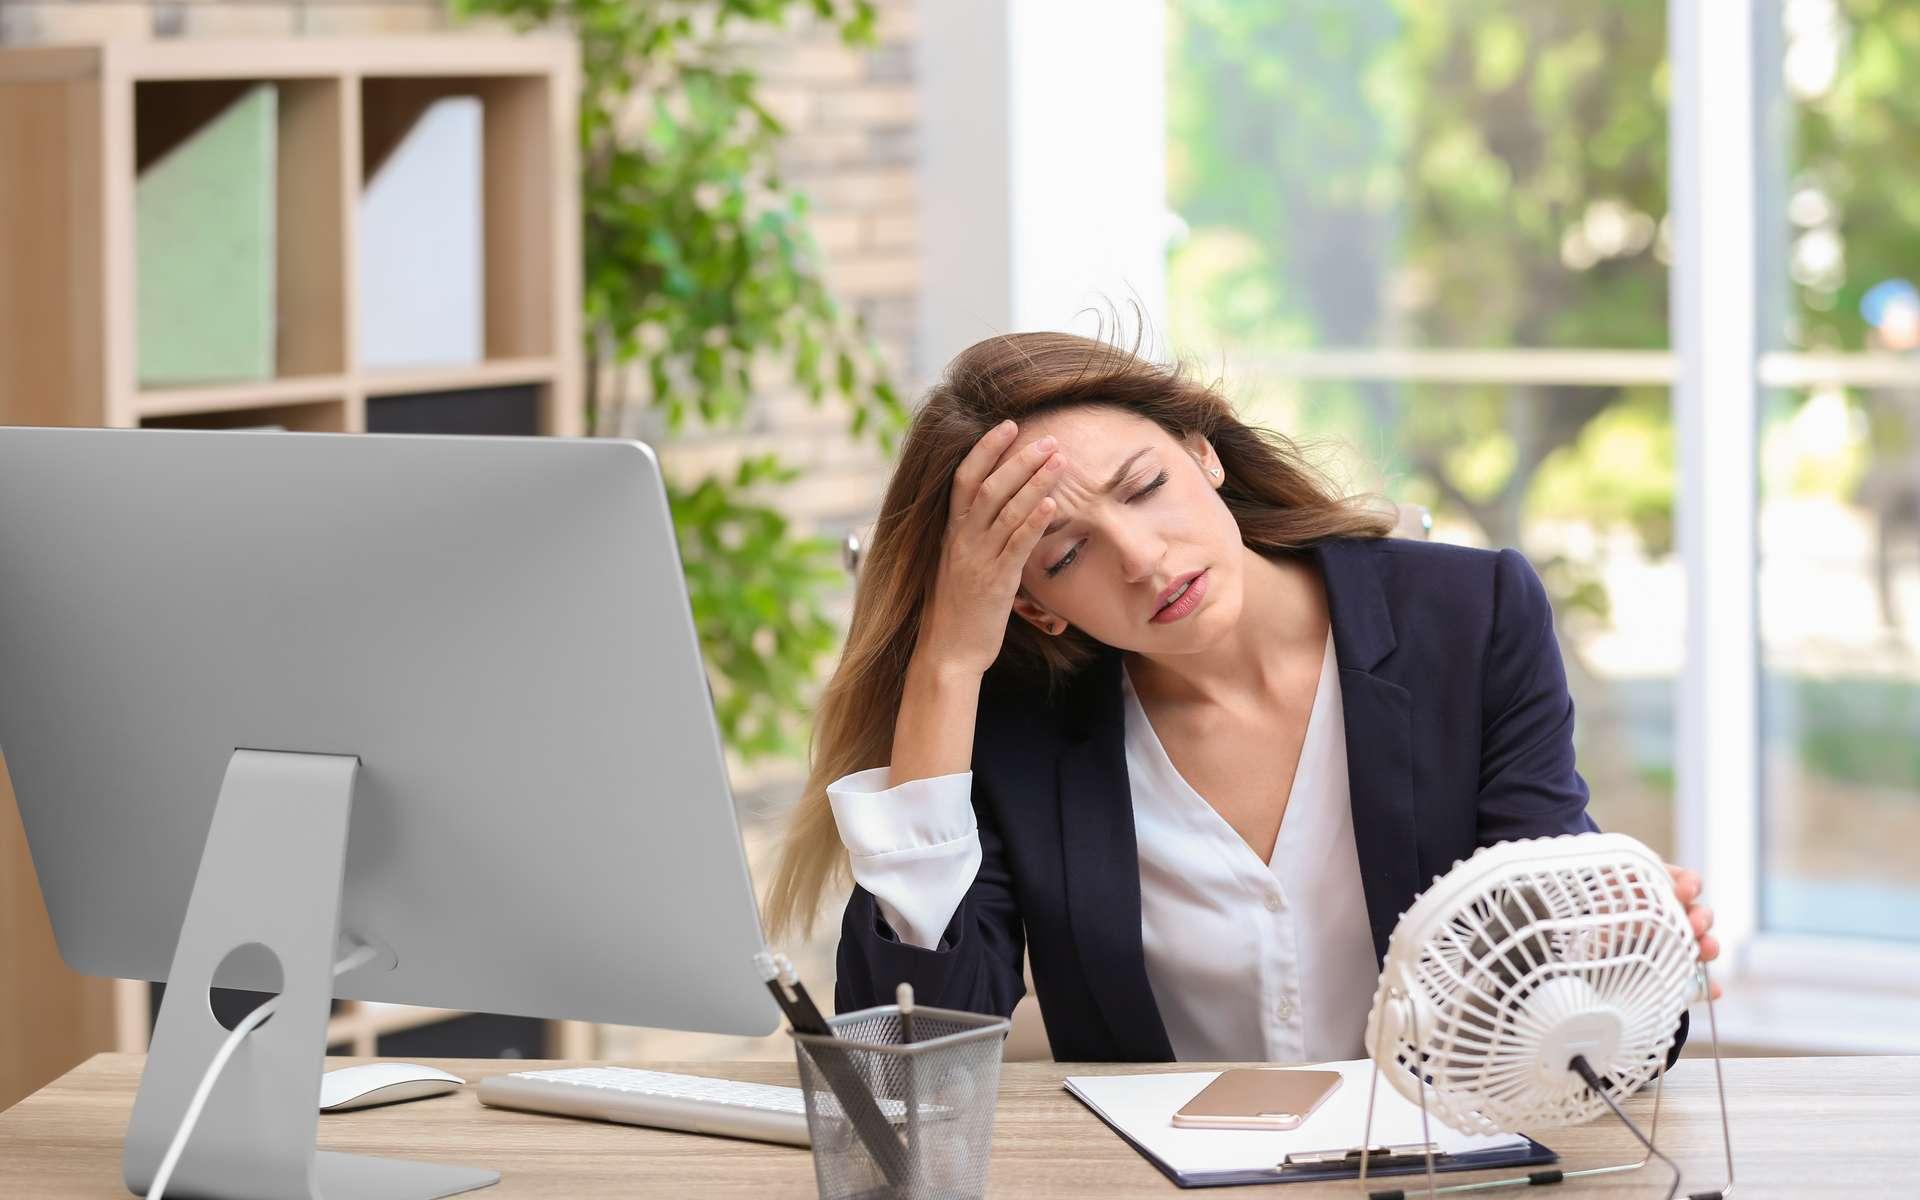 Comment la température influence vos performances cognitives ? © New Africa, Adobe Stock